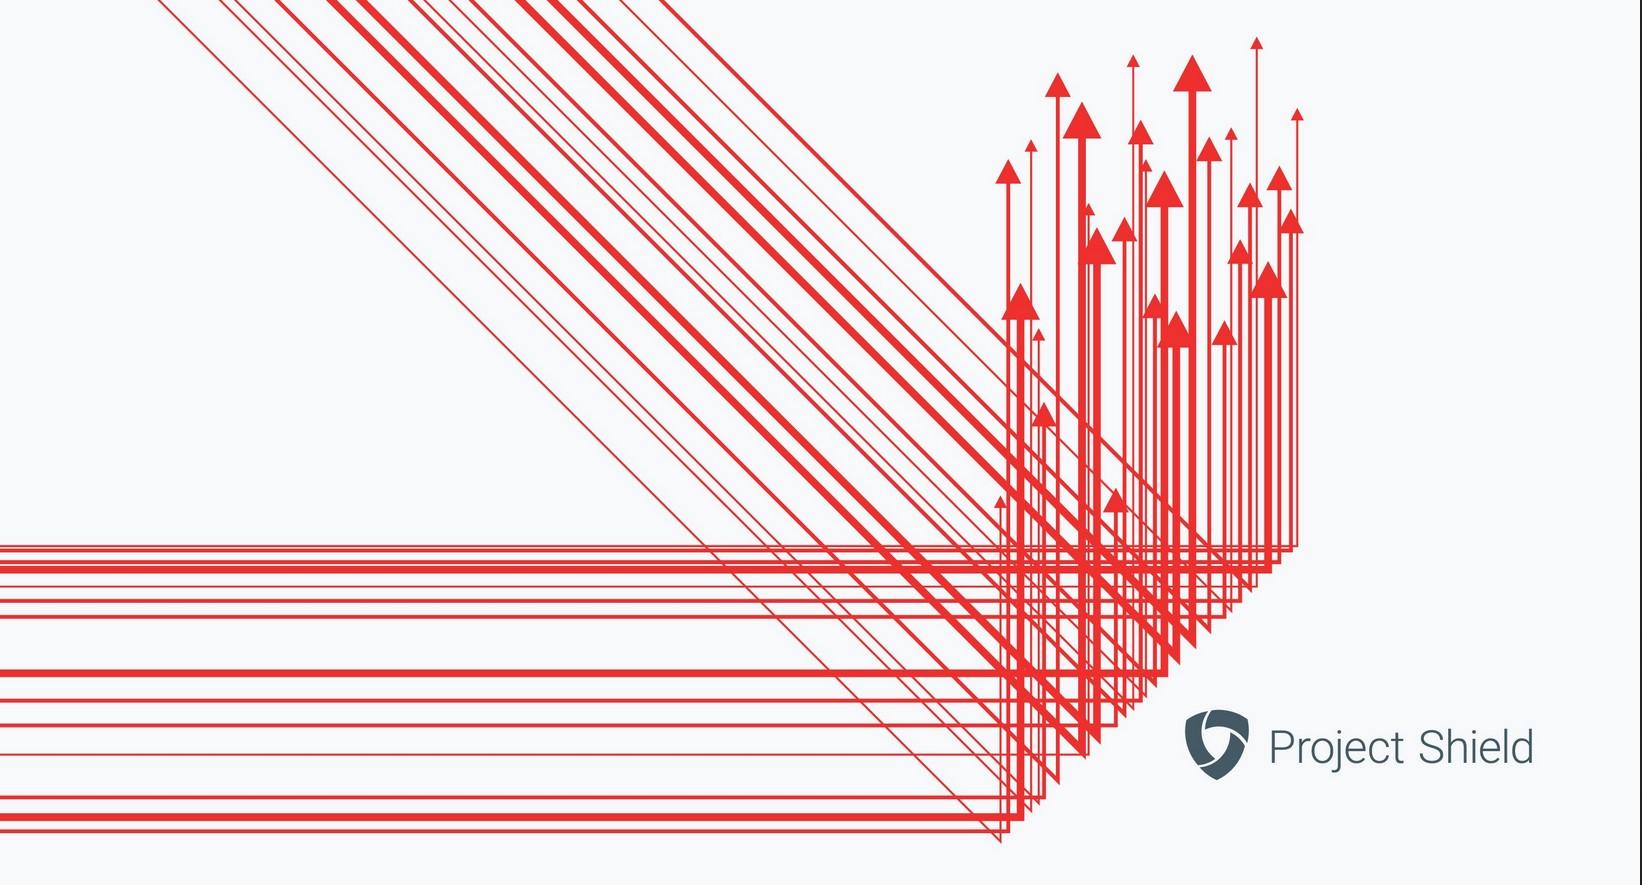 Project Shield – Siteleri Dijital Saldırılardan Koruma – DDoS Nedir?